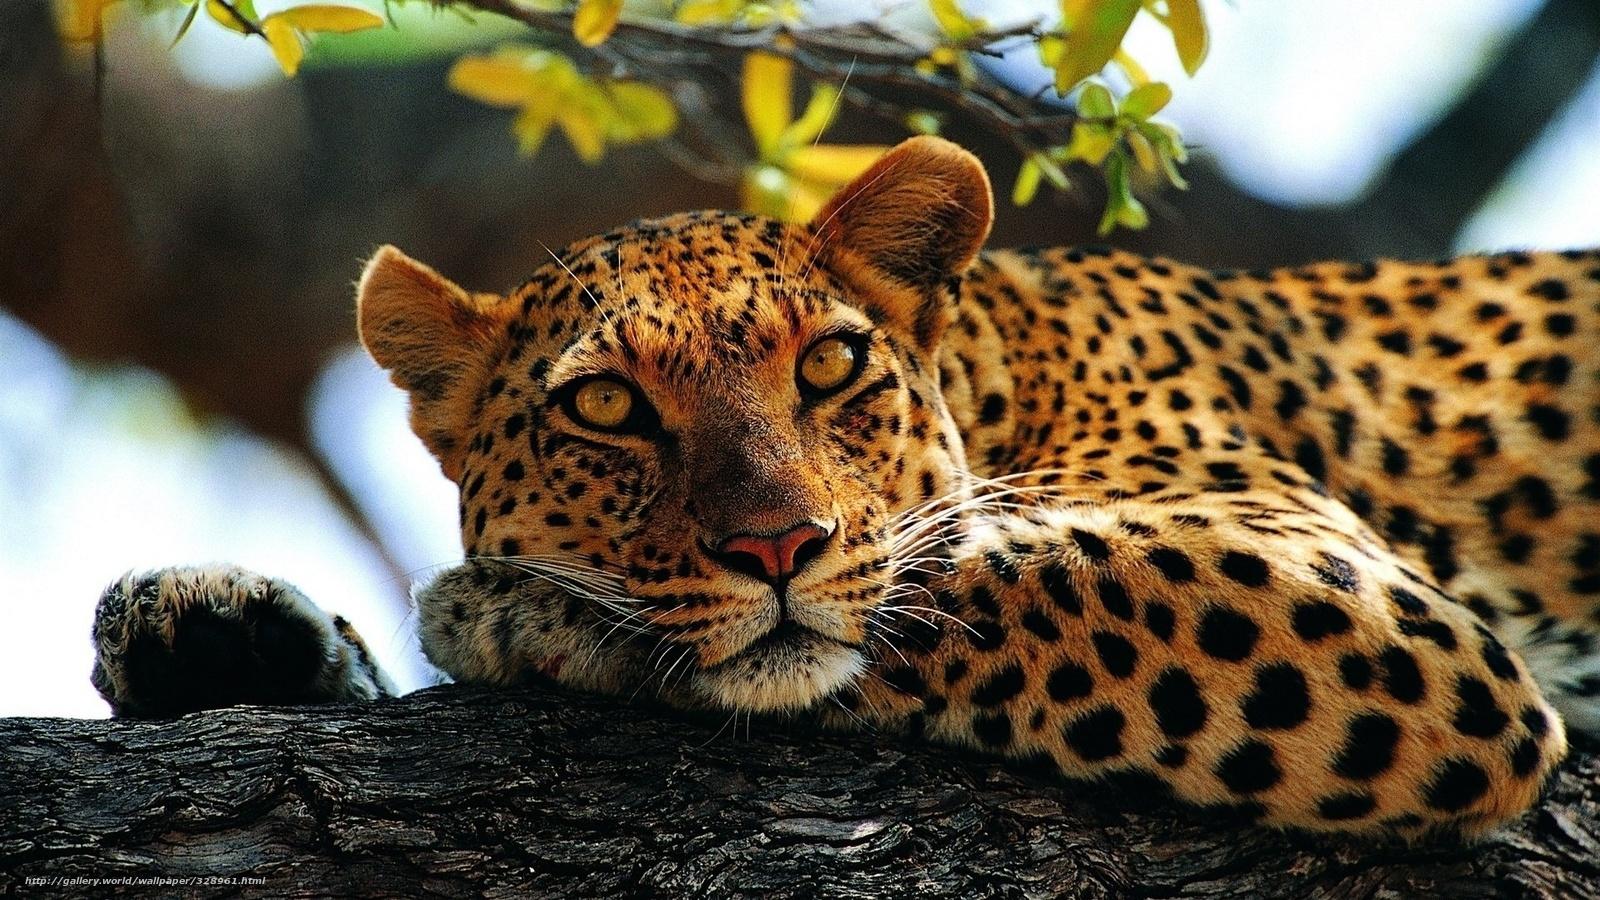 Espectaculares fotos de animales 67